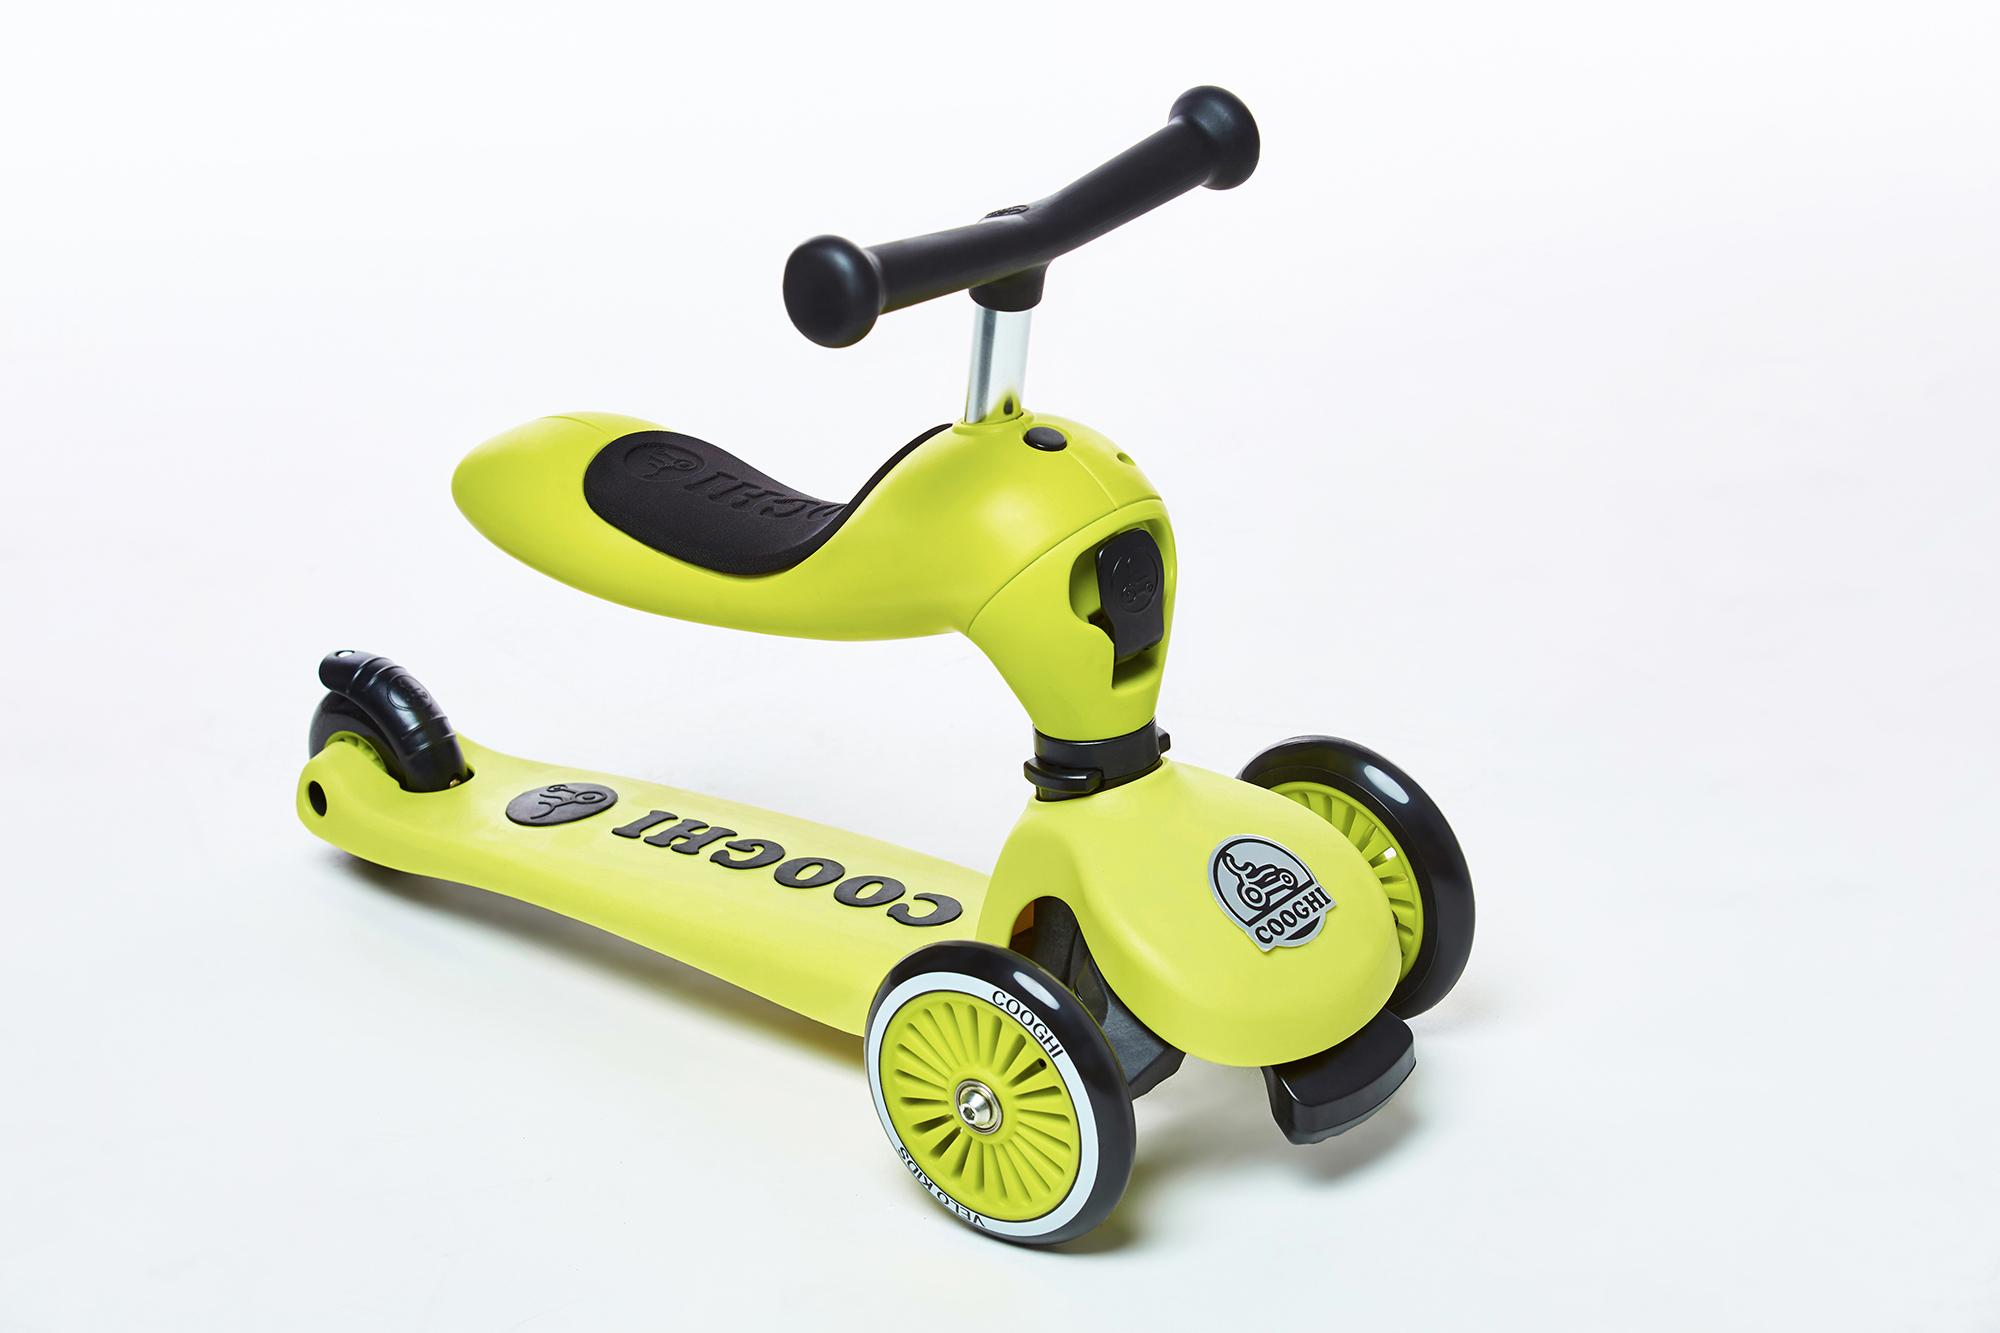 宝宝滑板车怎么玩 宝宝玩滑板车的注意事项